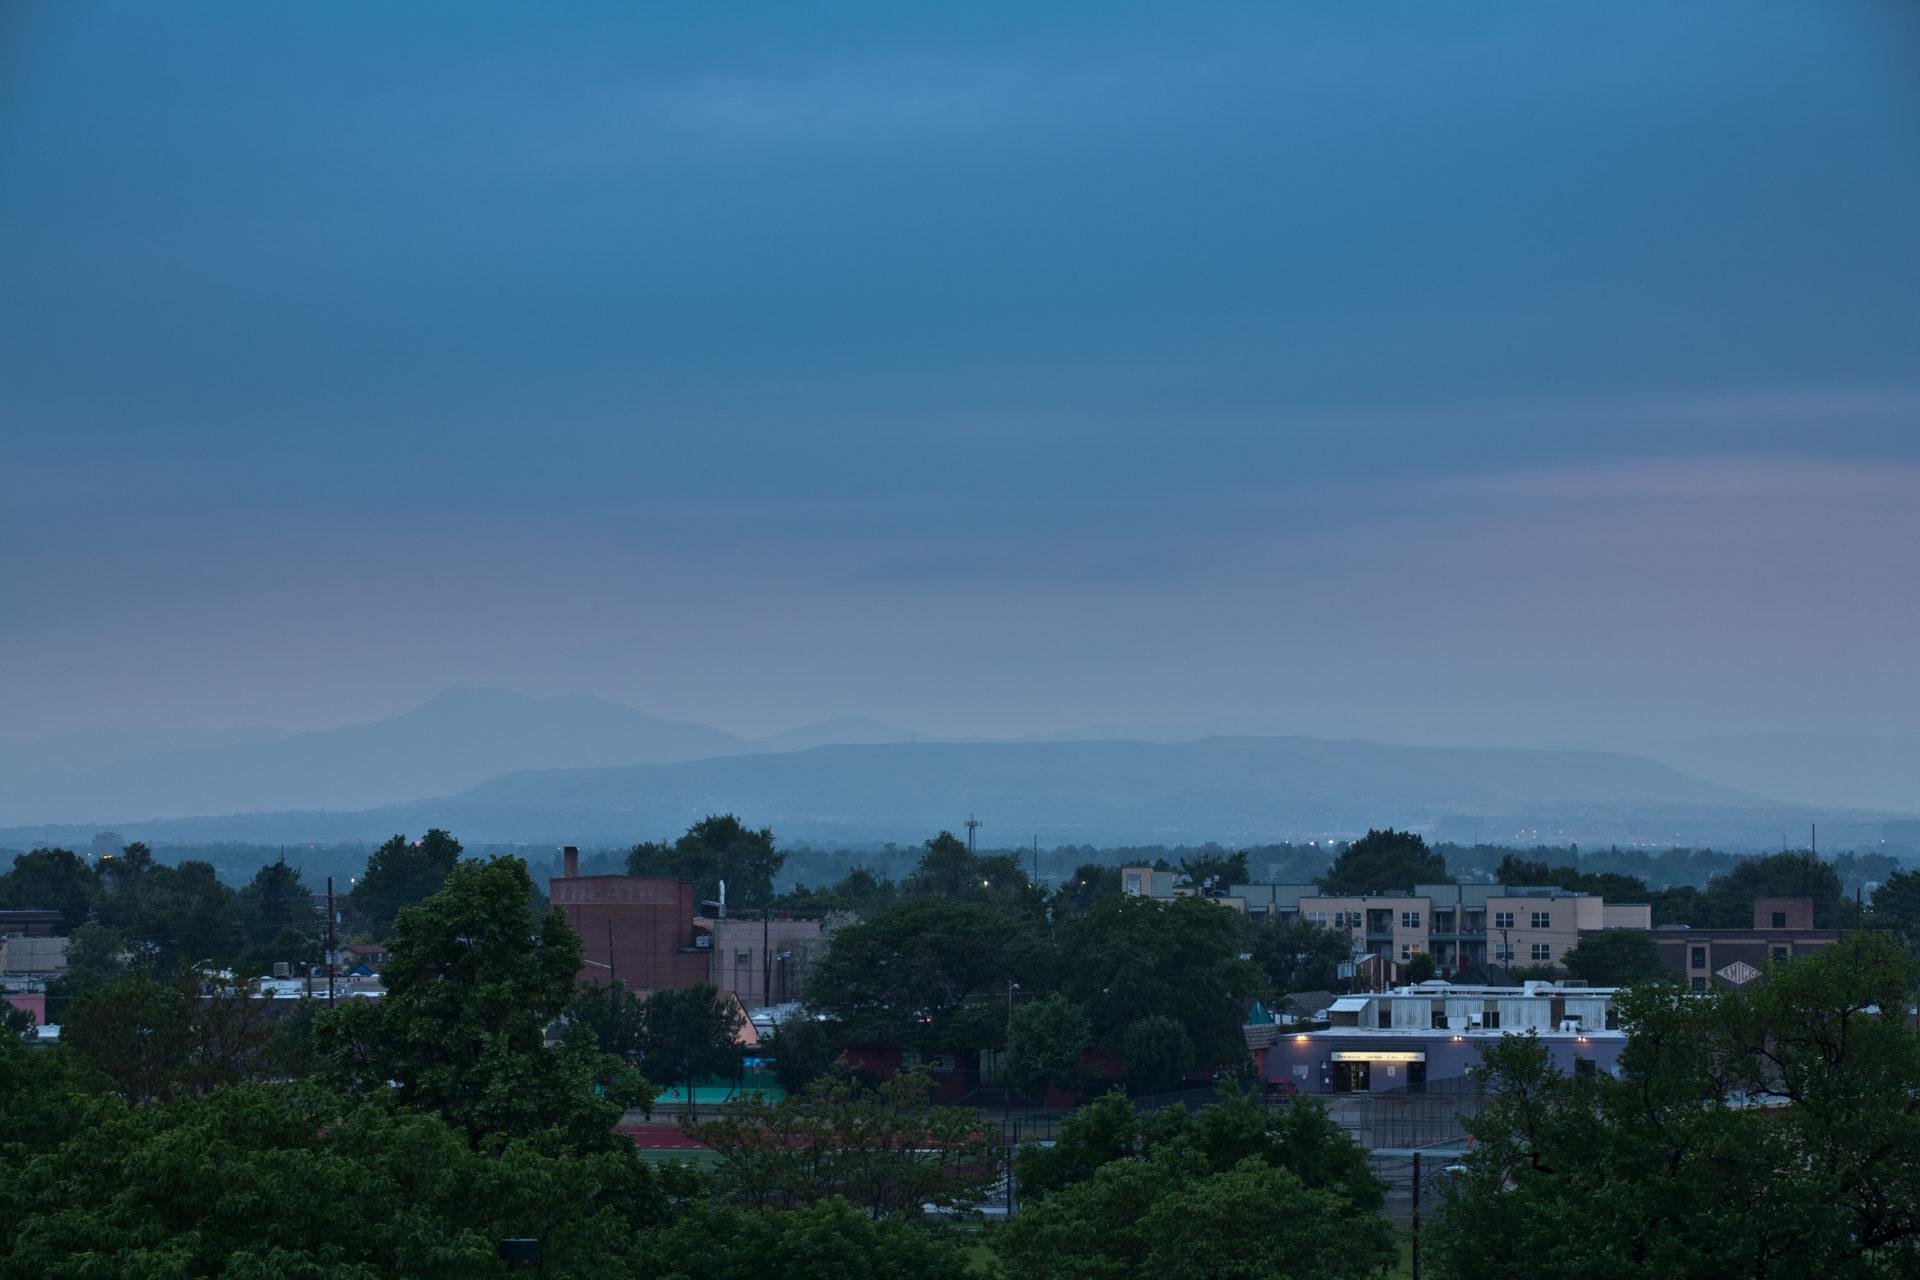 Mount Evans obscured - June 9, 2011